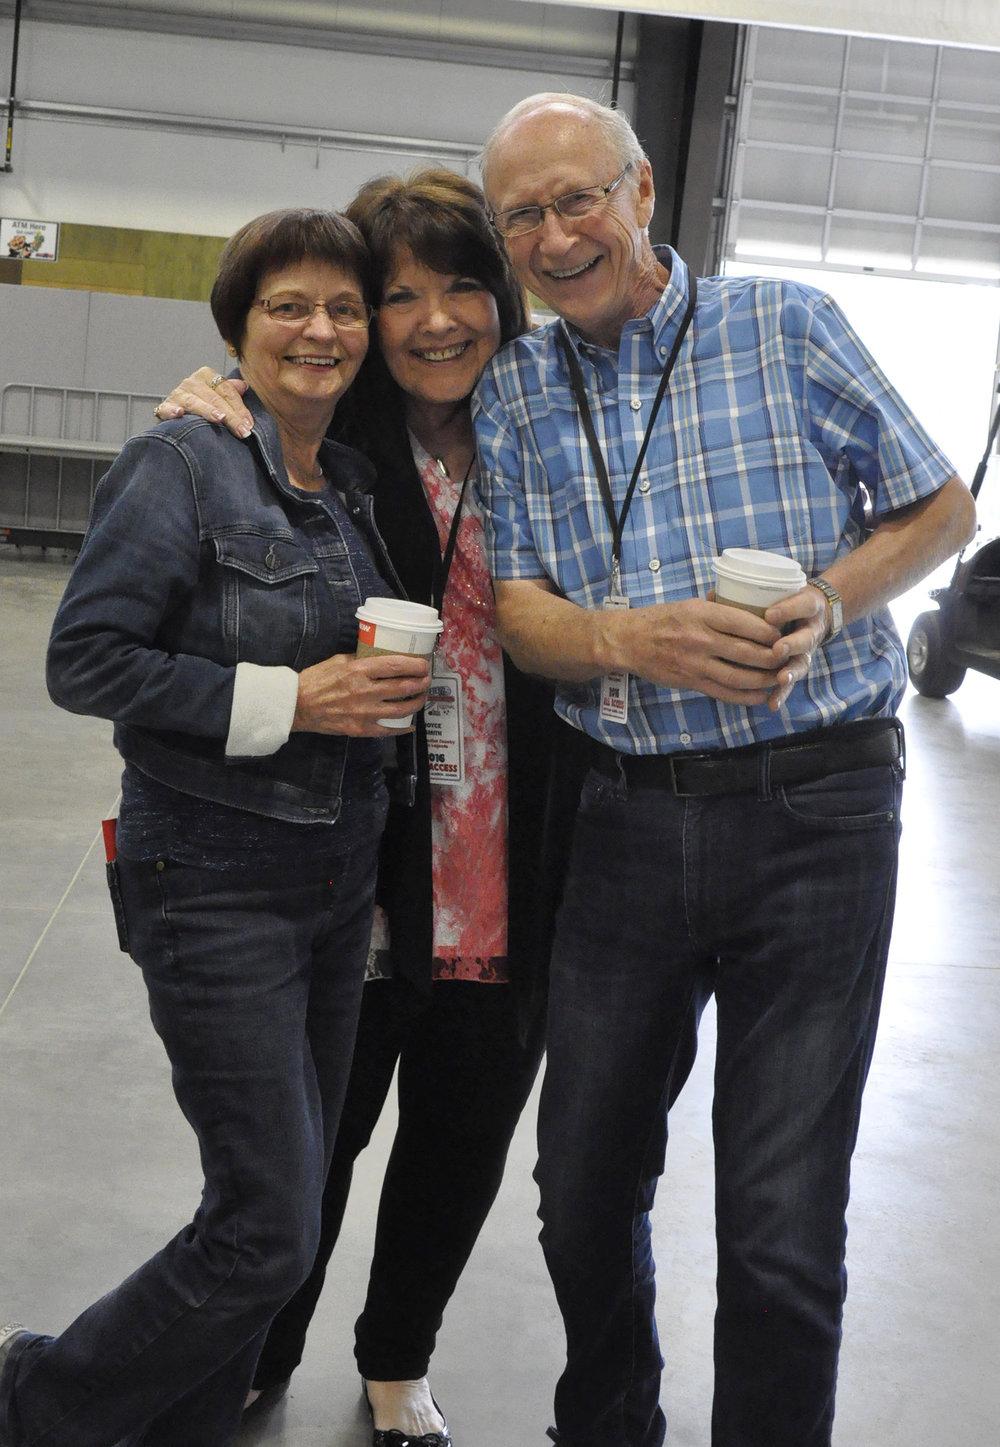 Alfie & Lydia Myhre with Joyce Smith